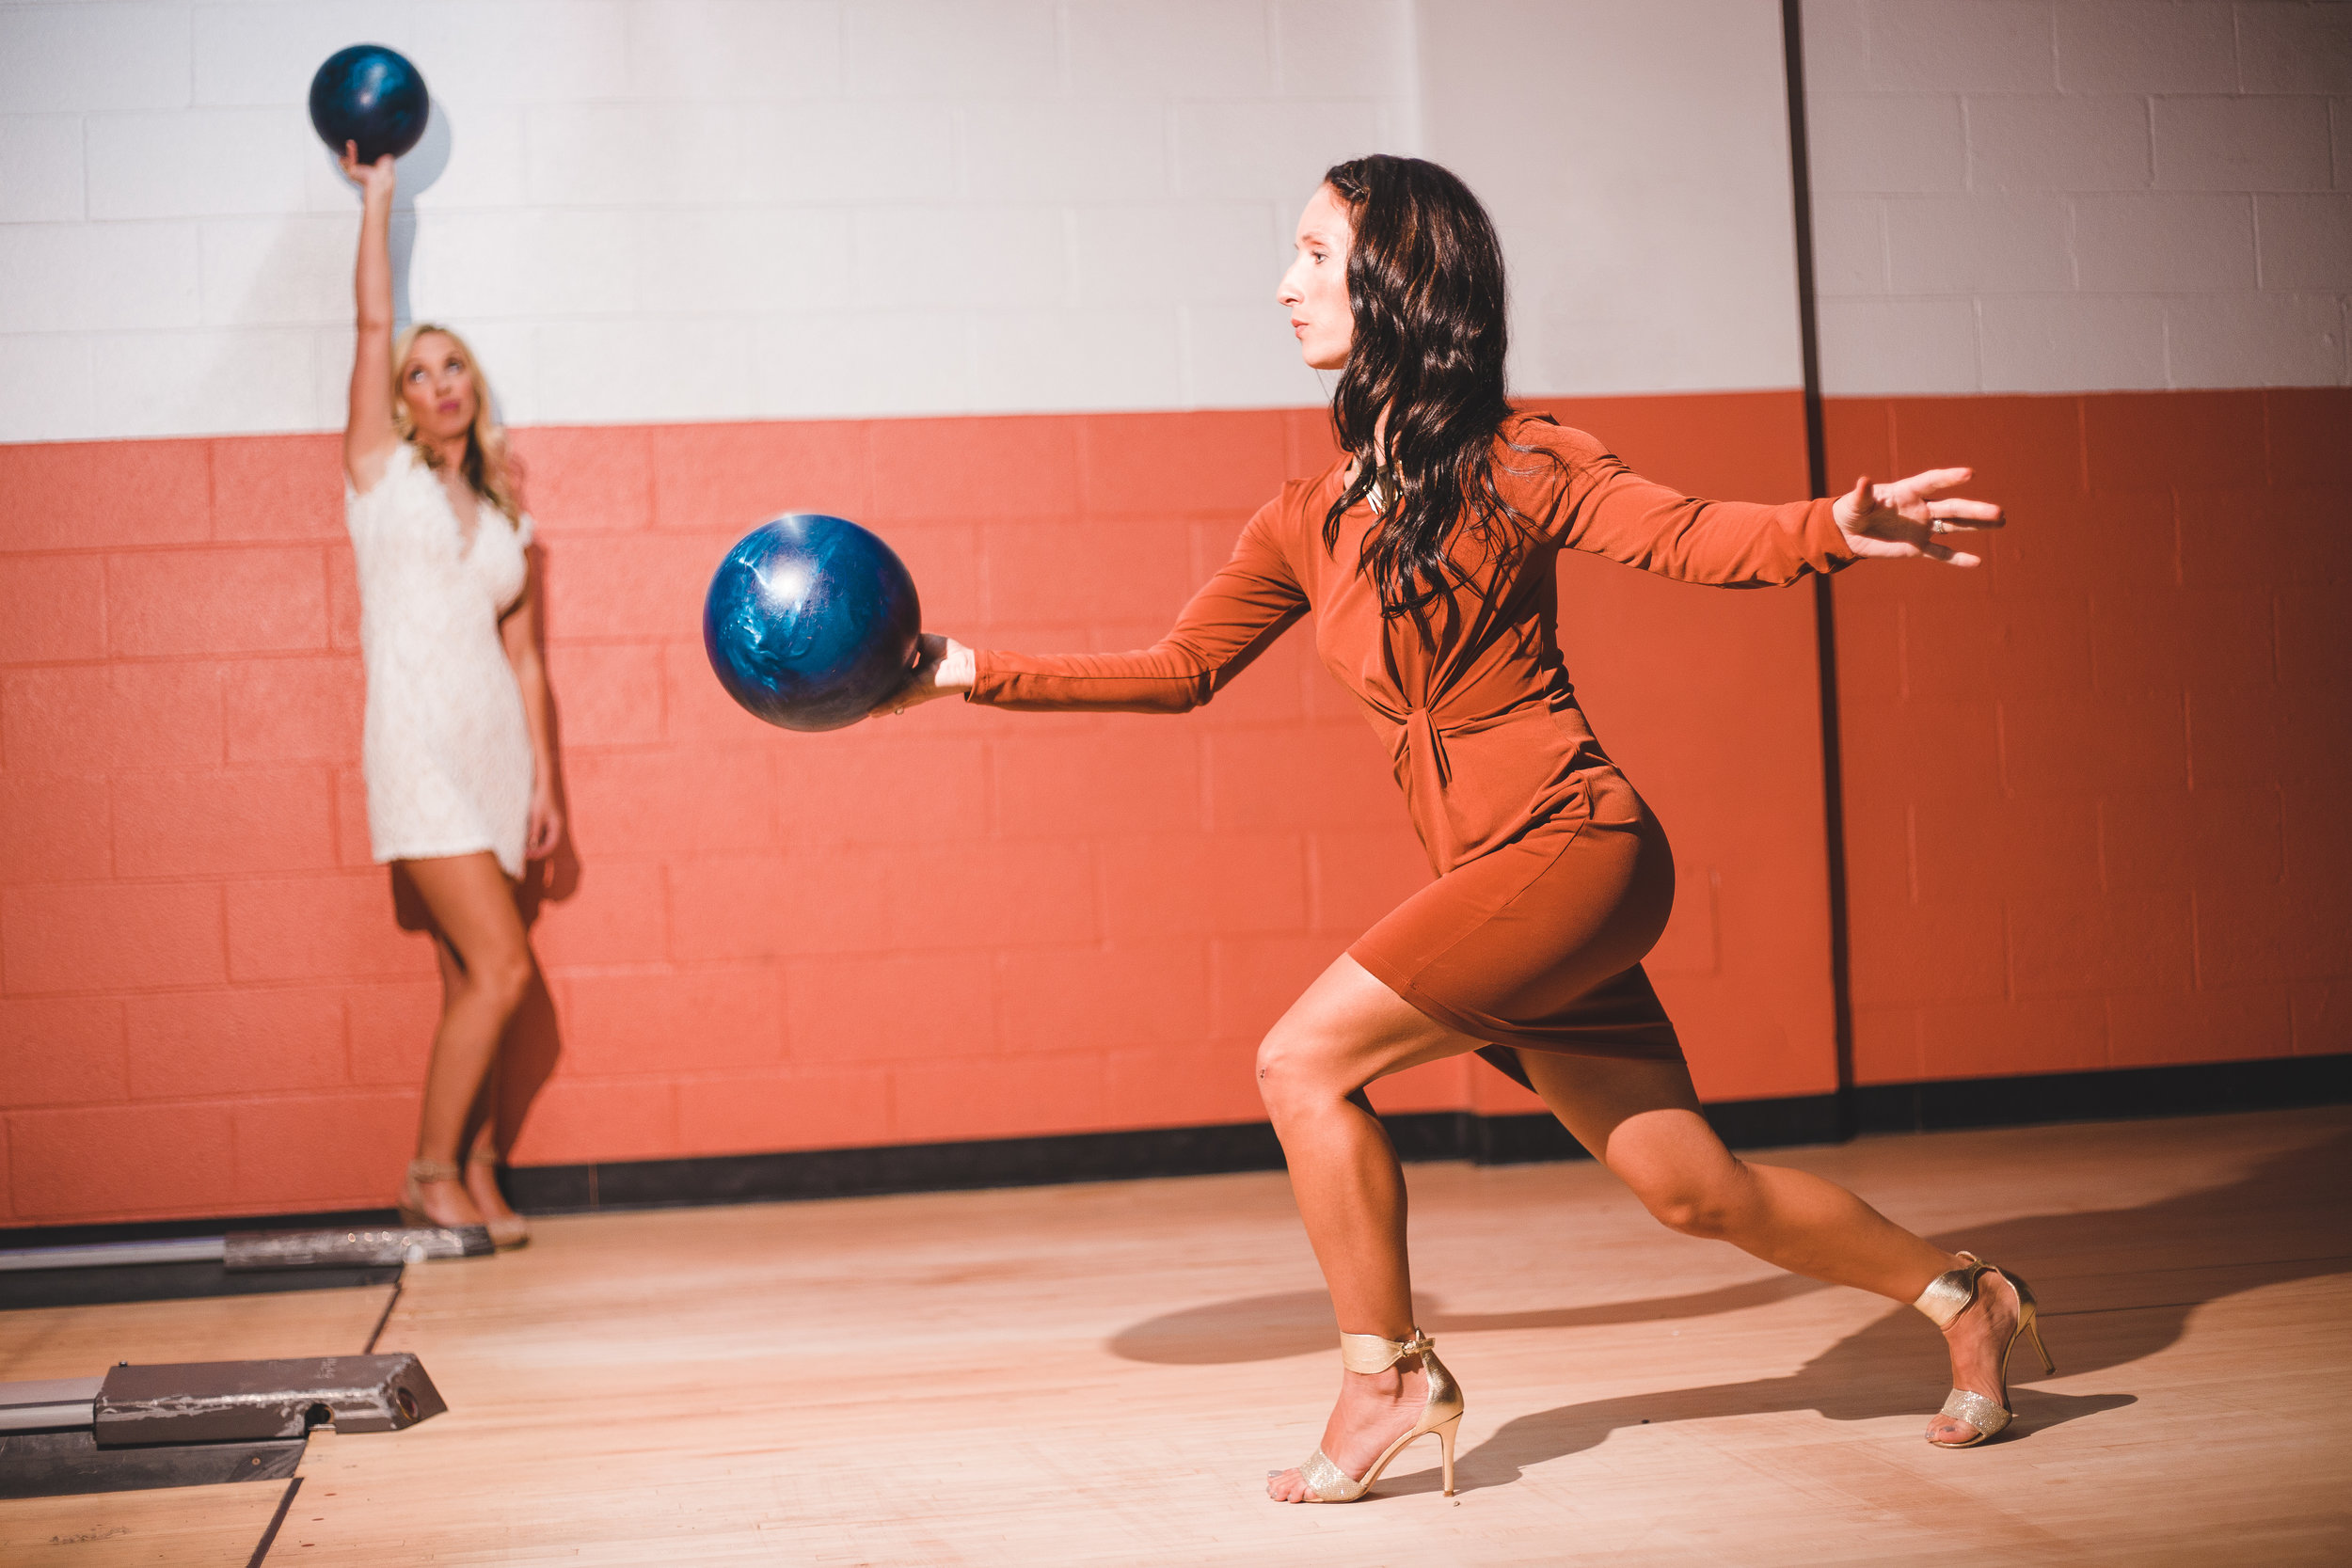 Wedding reception Bowling in heels.